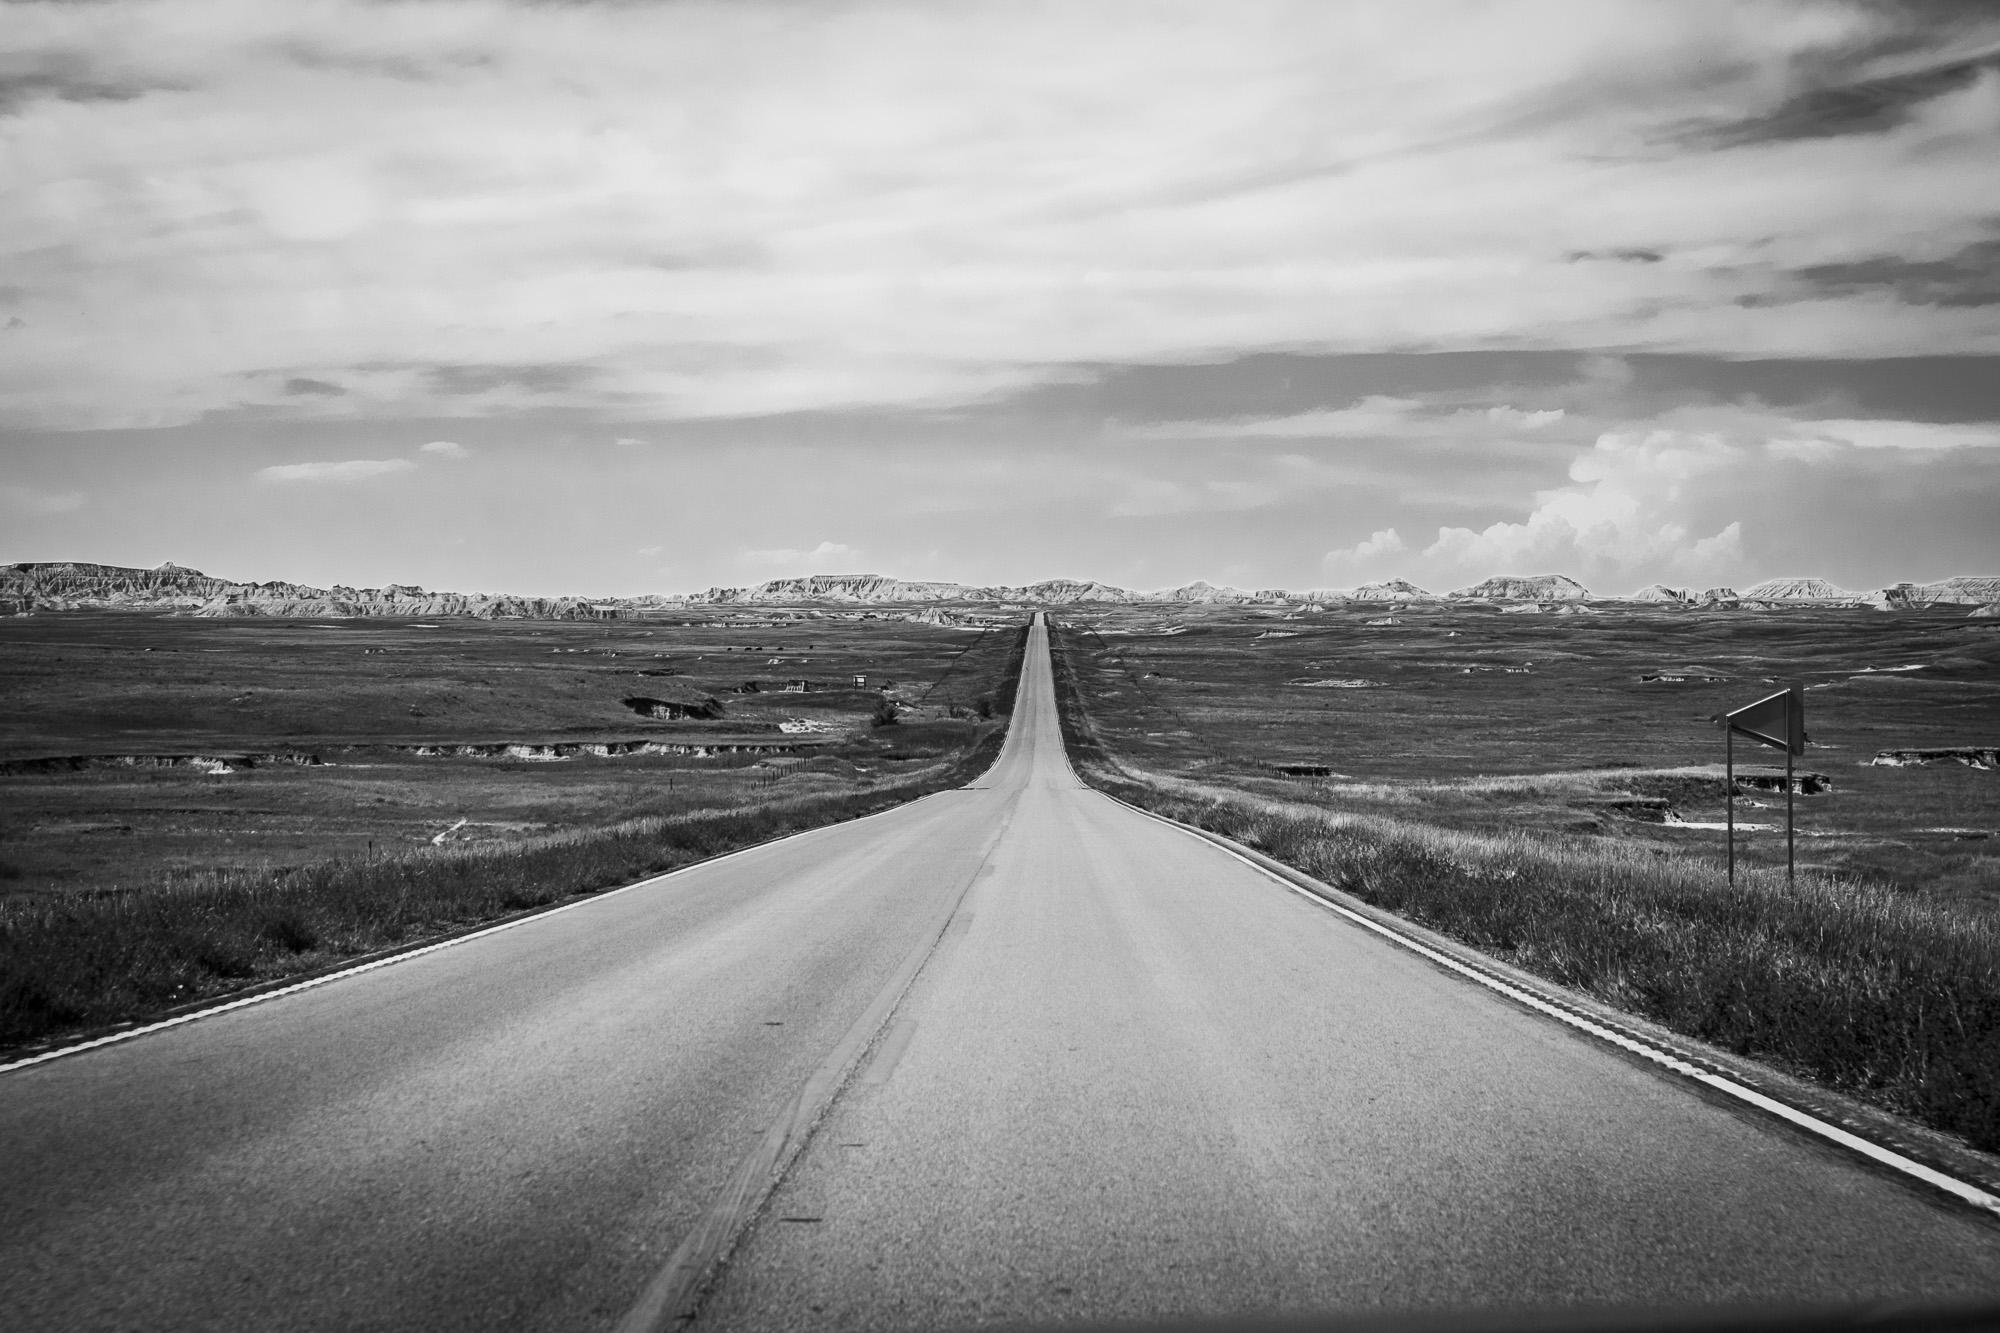 Fotografia i podróżowanie – cz. 8: Wypożyczenie samochodu i jeżdżenie po Stanach, cz. 2